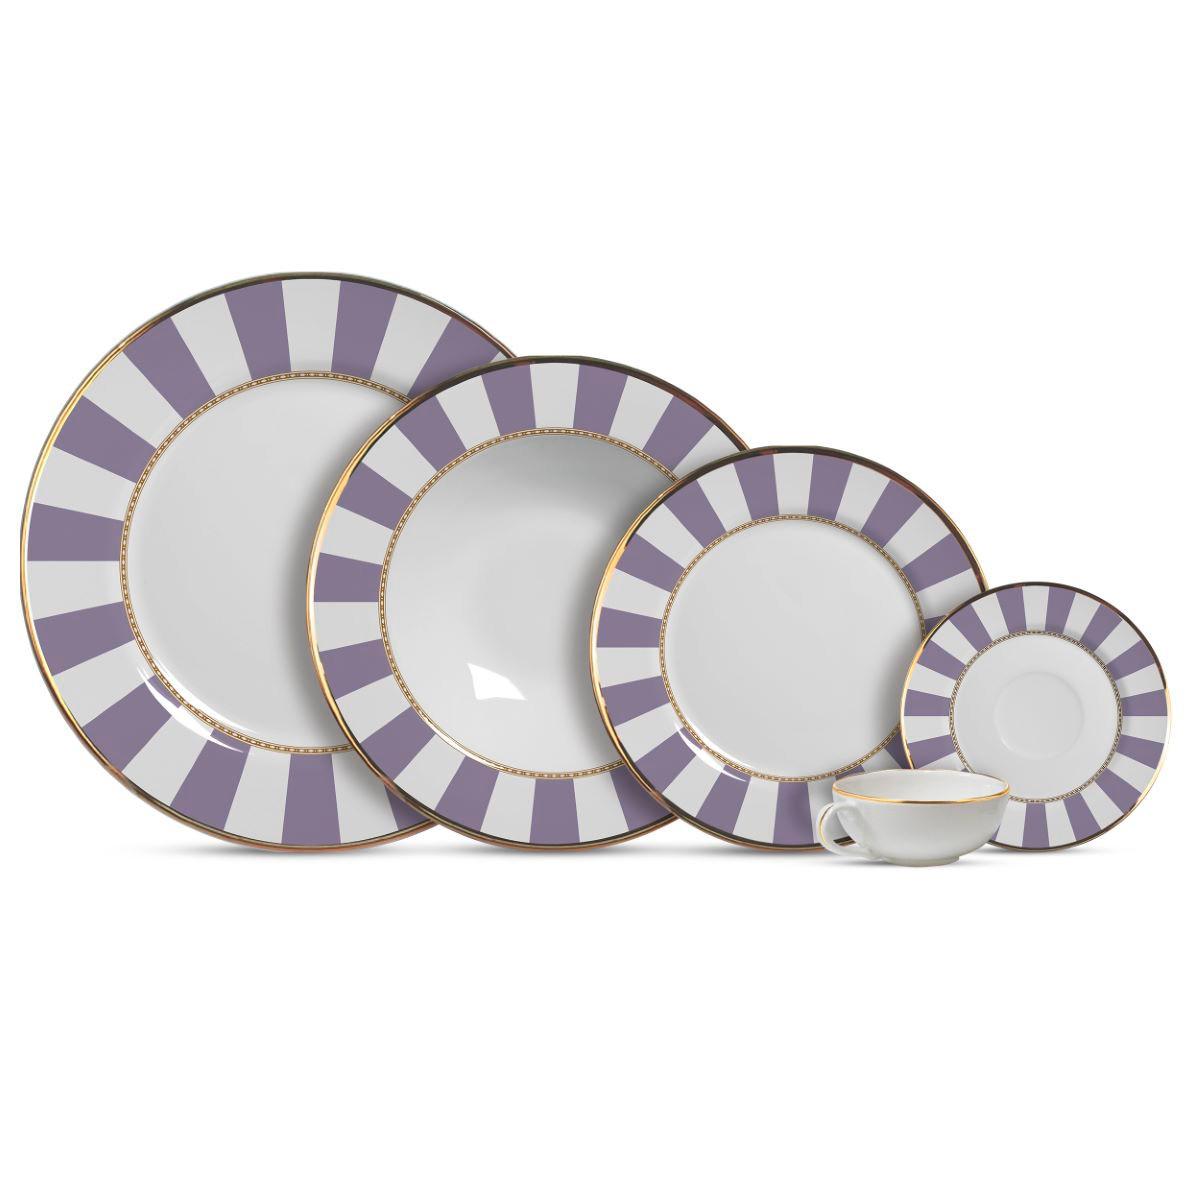 Aparelho De Jantar Cerâmica Lavender Strip 20 Pç